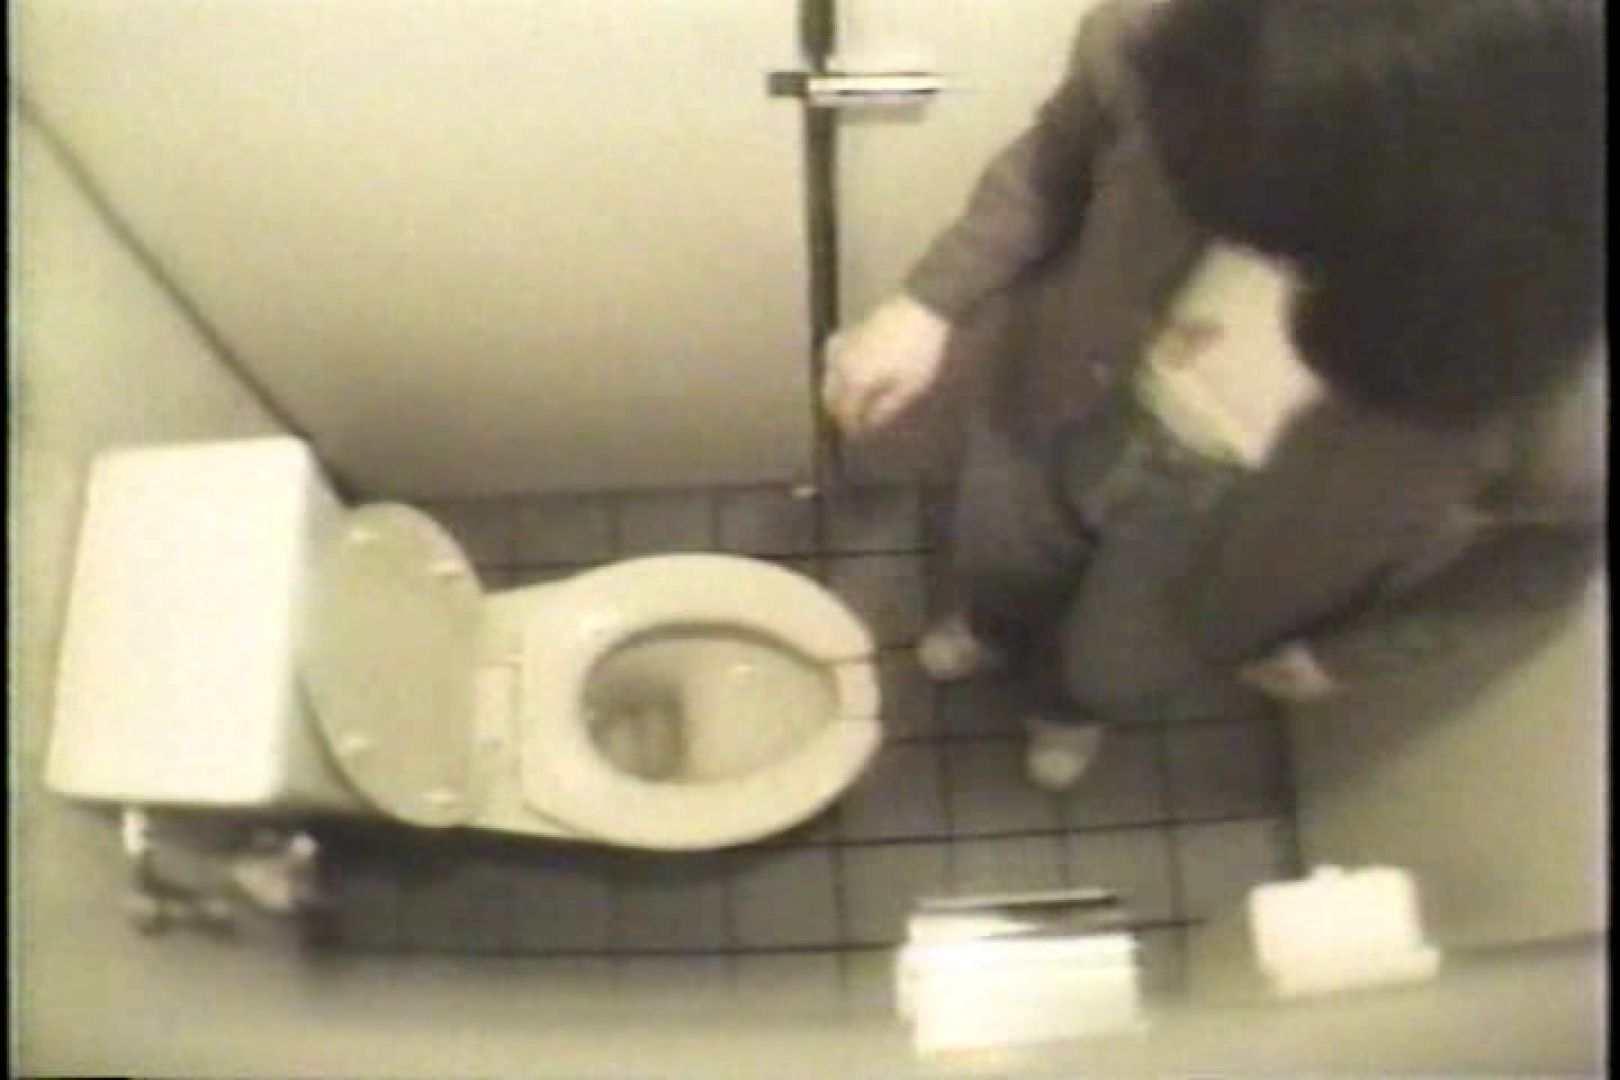 盗撮 女子洗面所3ヶ所入ってしゃがんで音出して プライベート  67pic 8